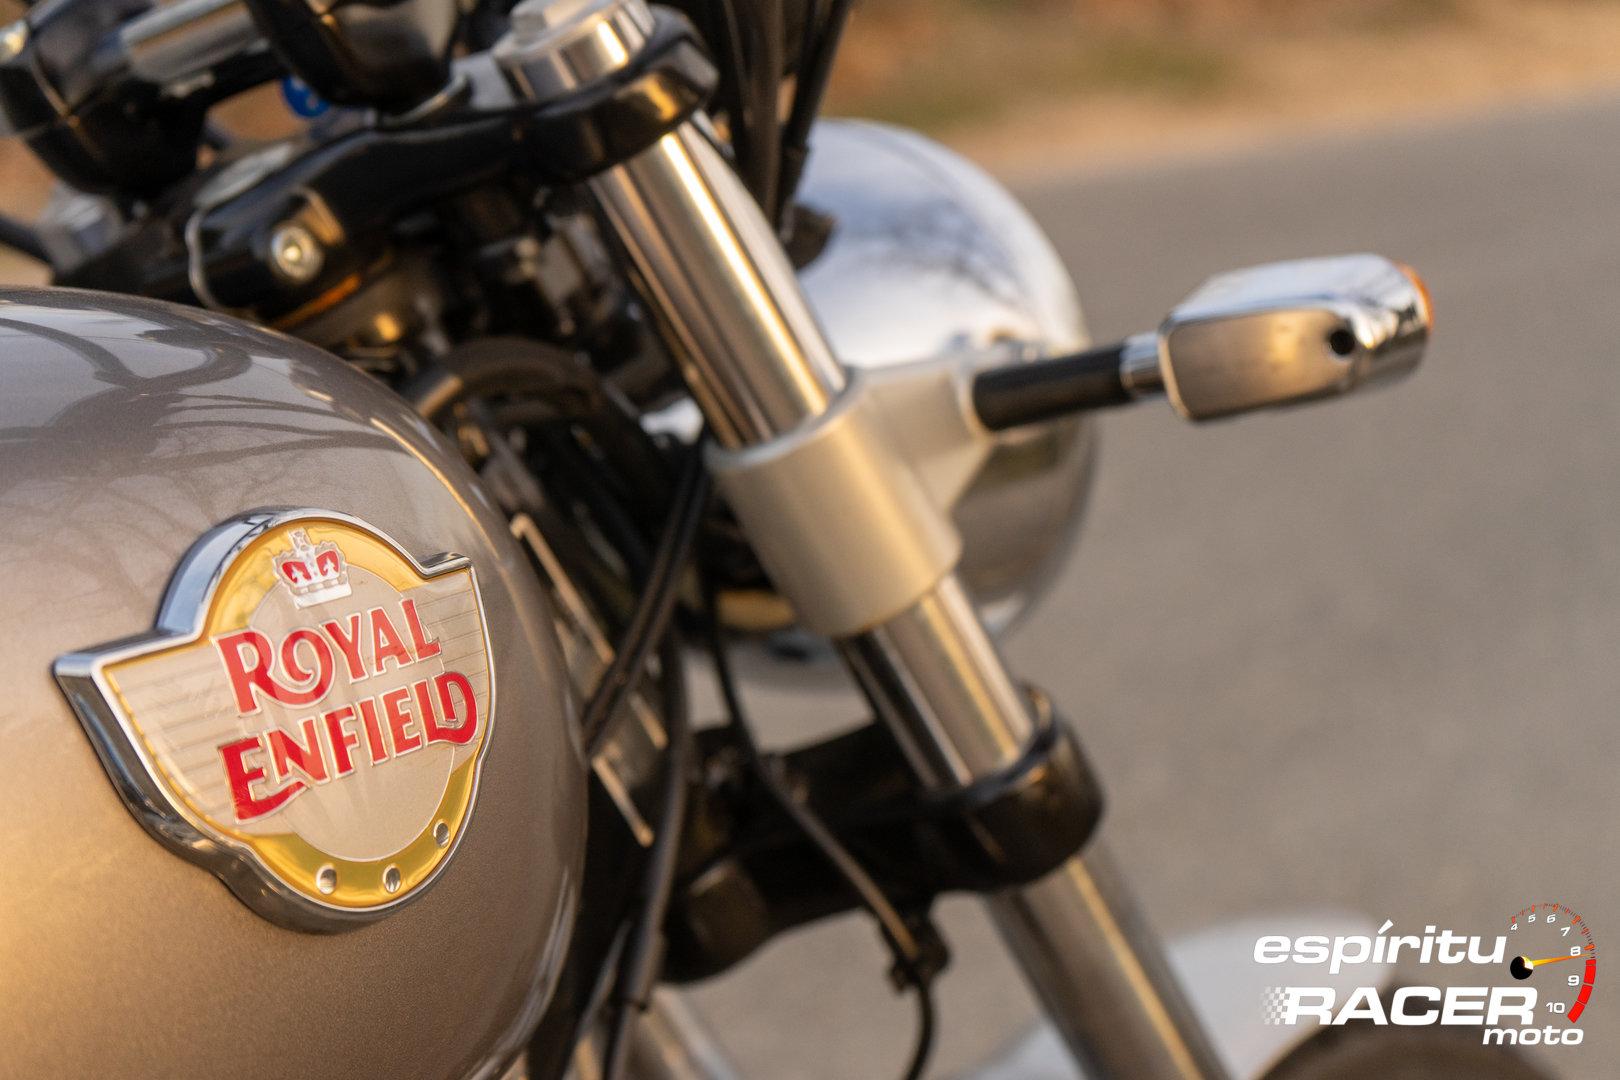 Royal Enfield confirma que está trabajando en una moto eléctrica